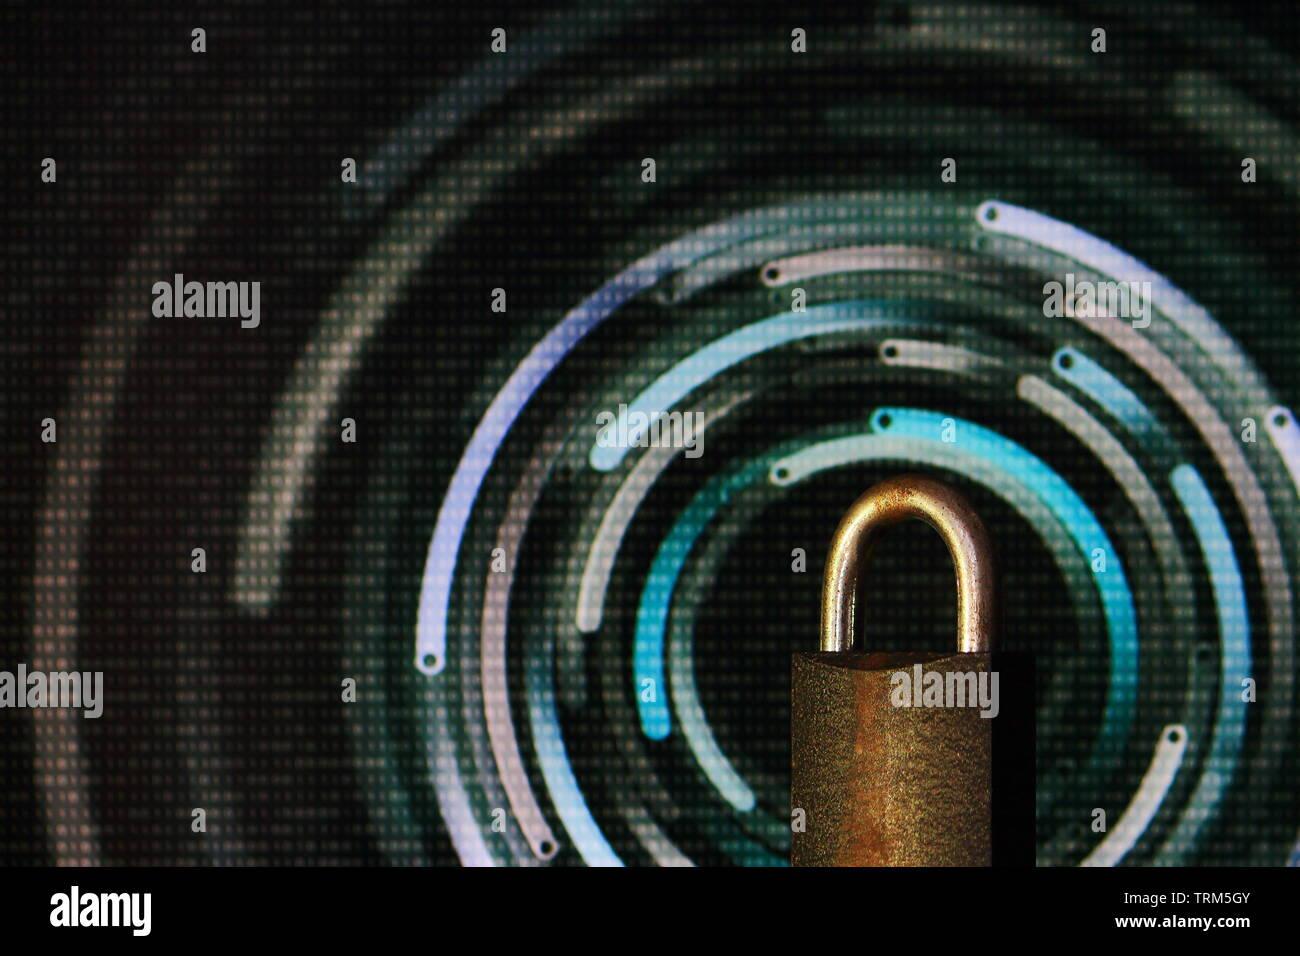 Vorhängeschloss verschlossen. vorhängeschloss vor kreisförmige Unschärfe-Effekte im bokeh Licht gelegt. digitalen Computer und Internet Thema Sicherheit Konzepte. Cyber Security und Vir Stockfoto